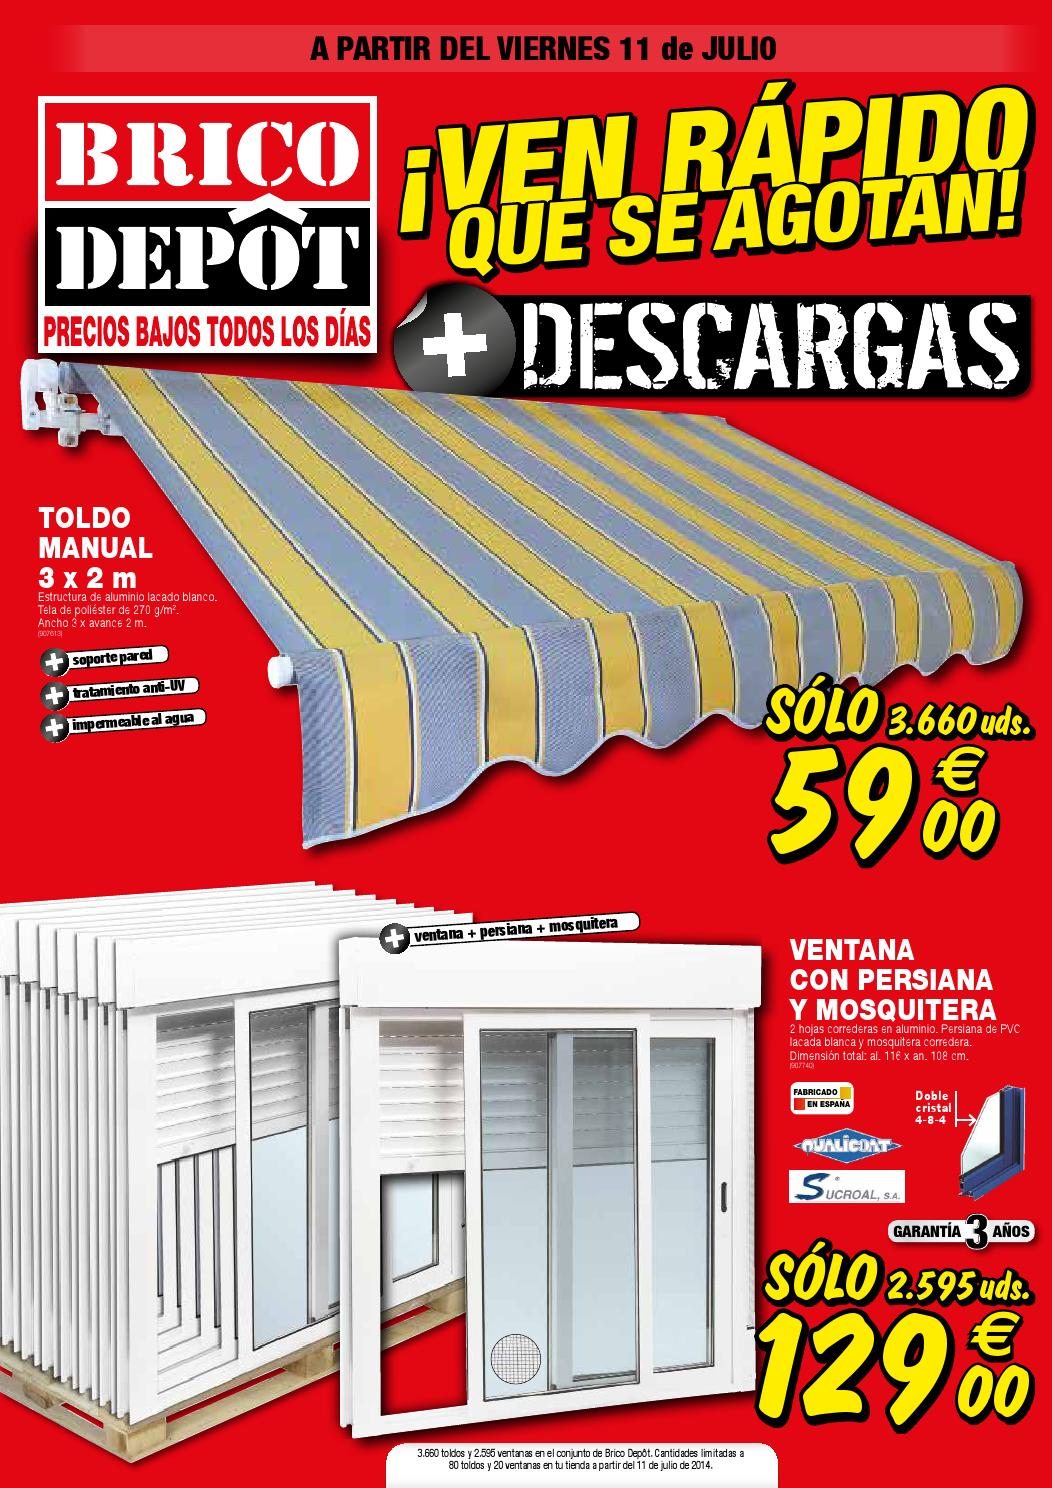 Catalogo bricodepot julio 2014 by luis gastreet issuu - Cenadores bricodepot ...